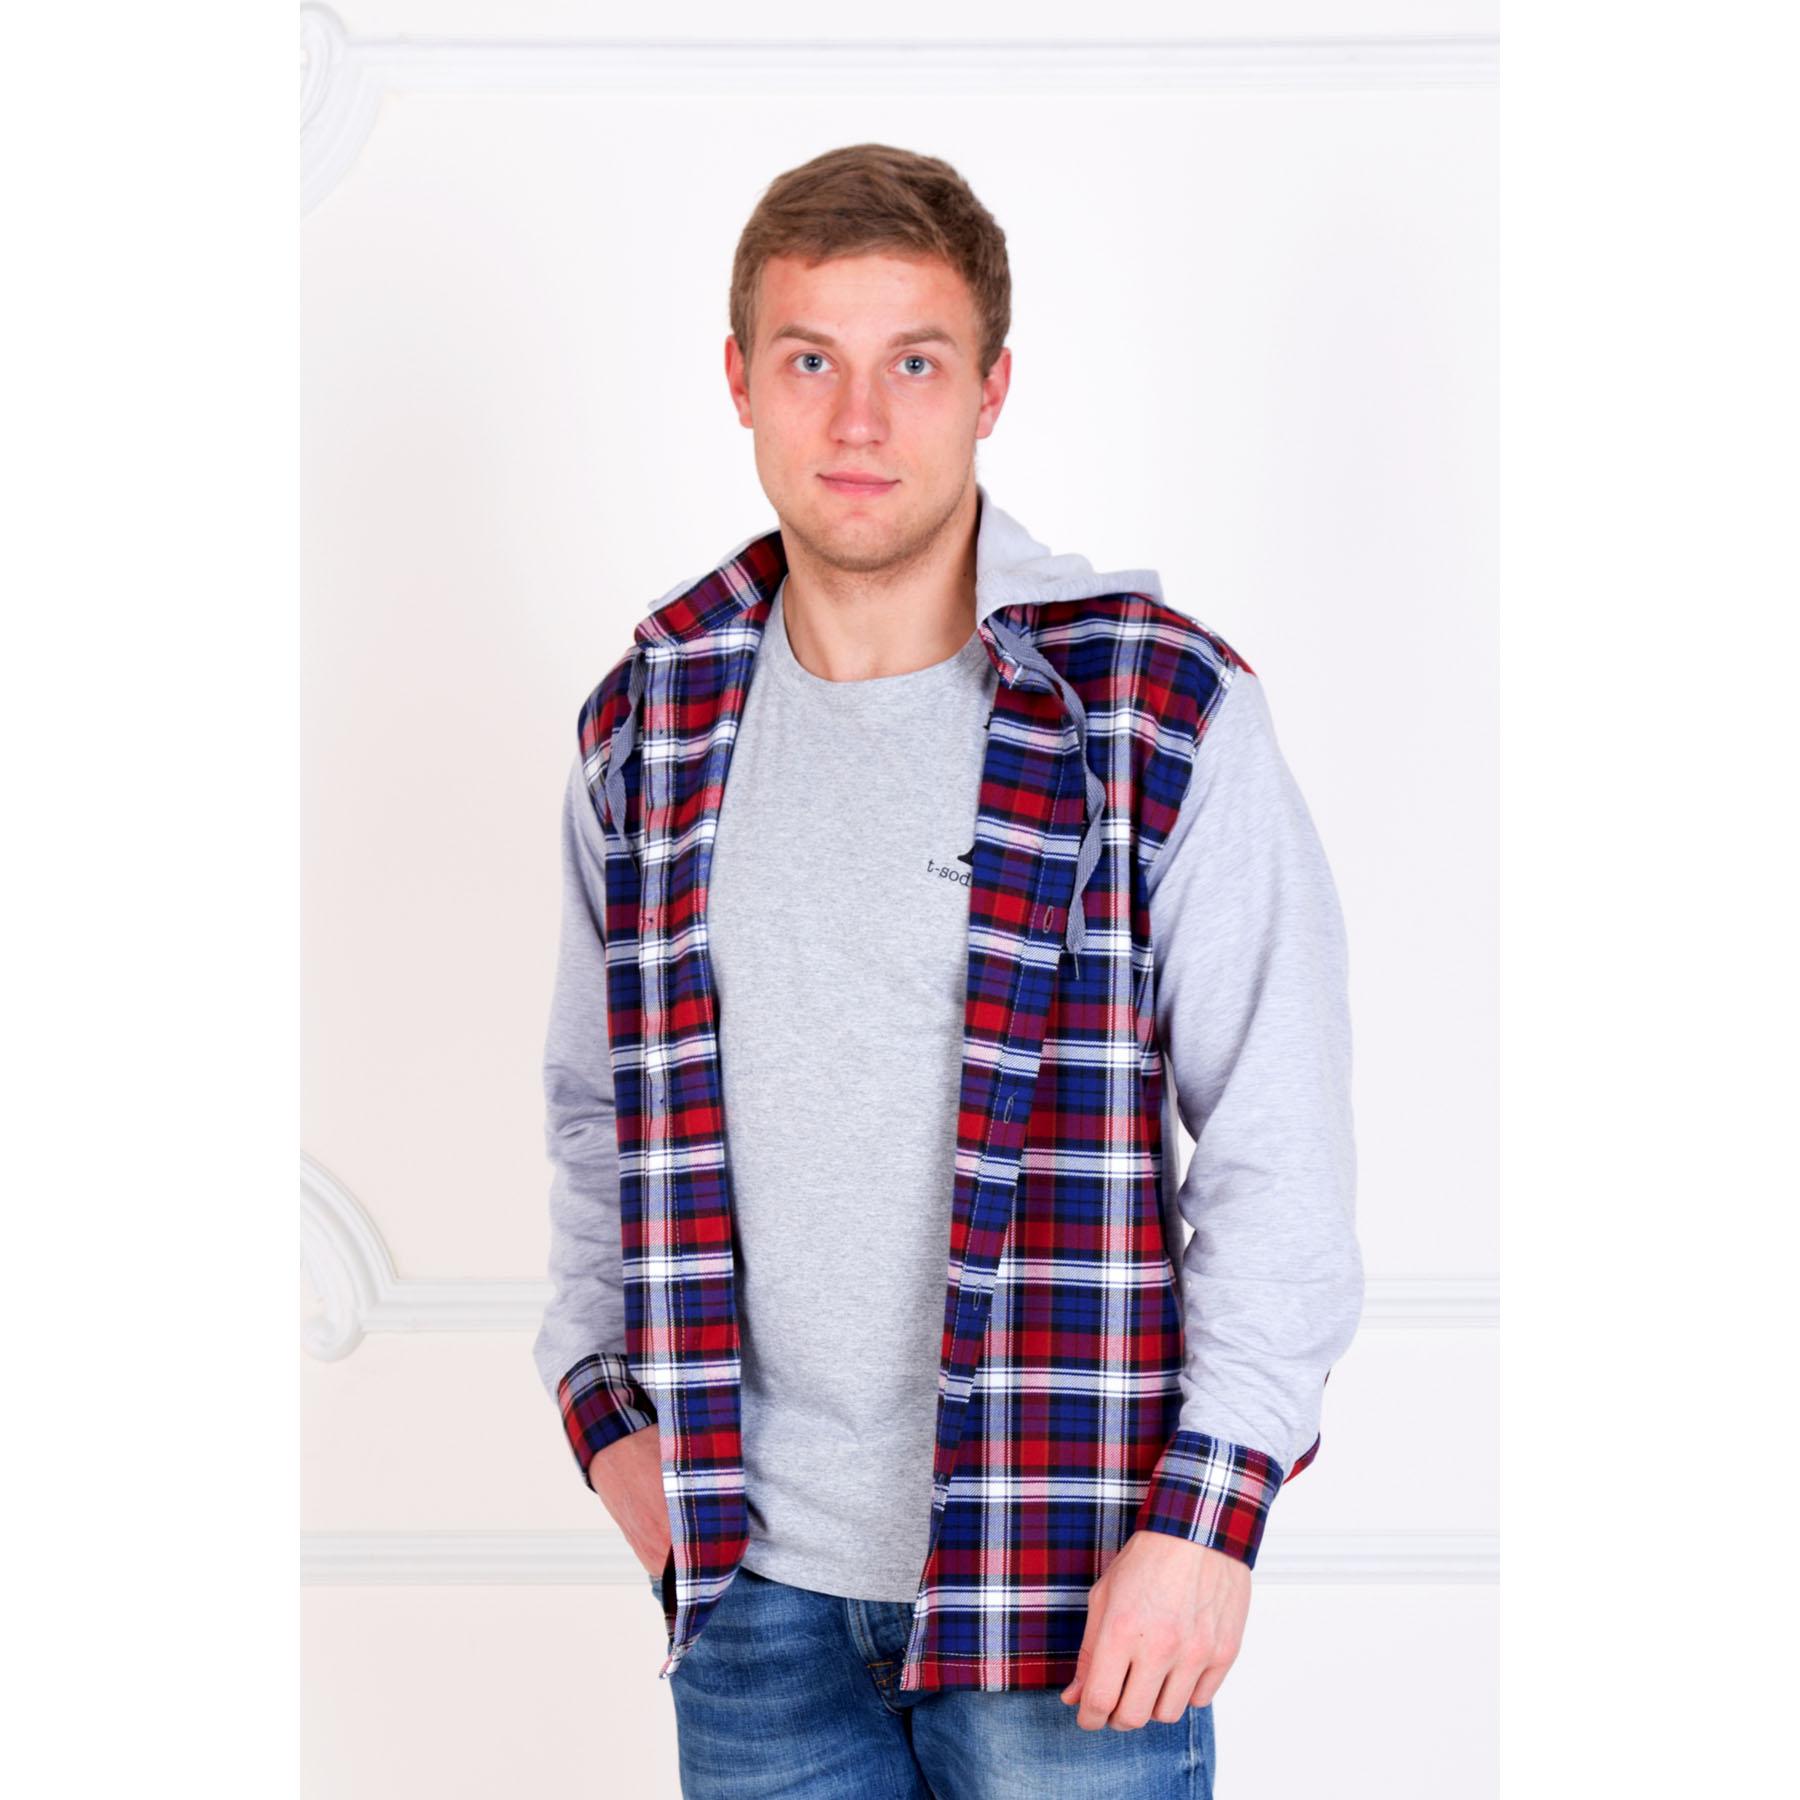 Мужская рубашка «Адриан» Красный, размер 54Толстовки, джемпера и рубашки<br>Обхват груди:108 см<br>Обхват талии:100 см<br>Обхват бедер:110 см<br>Рост:178-184 см<br><br>Тип: Муж. рубашка<br>Размер: 54<br>Материал: Шотландка